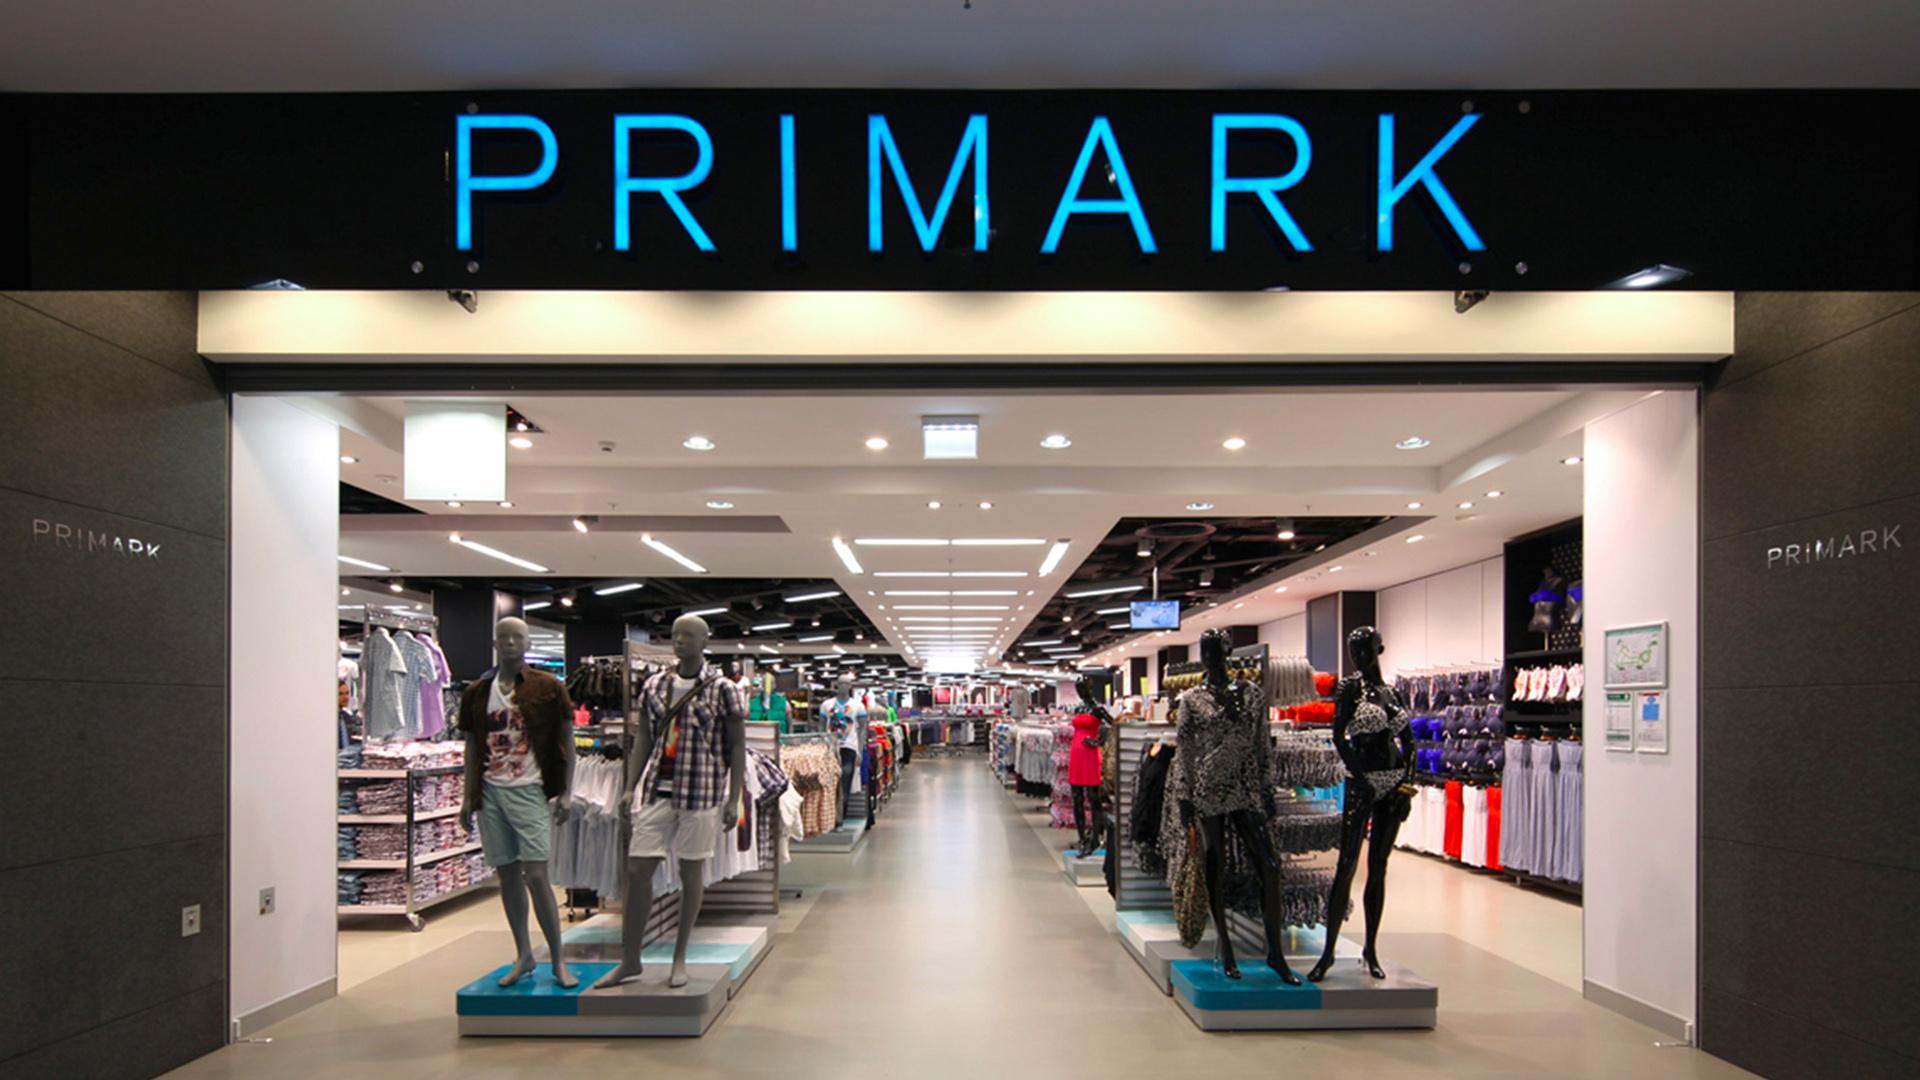 Τα Primark ετοιμάζονται να αποκτήσουν υπηρεσία για online